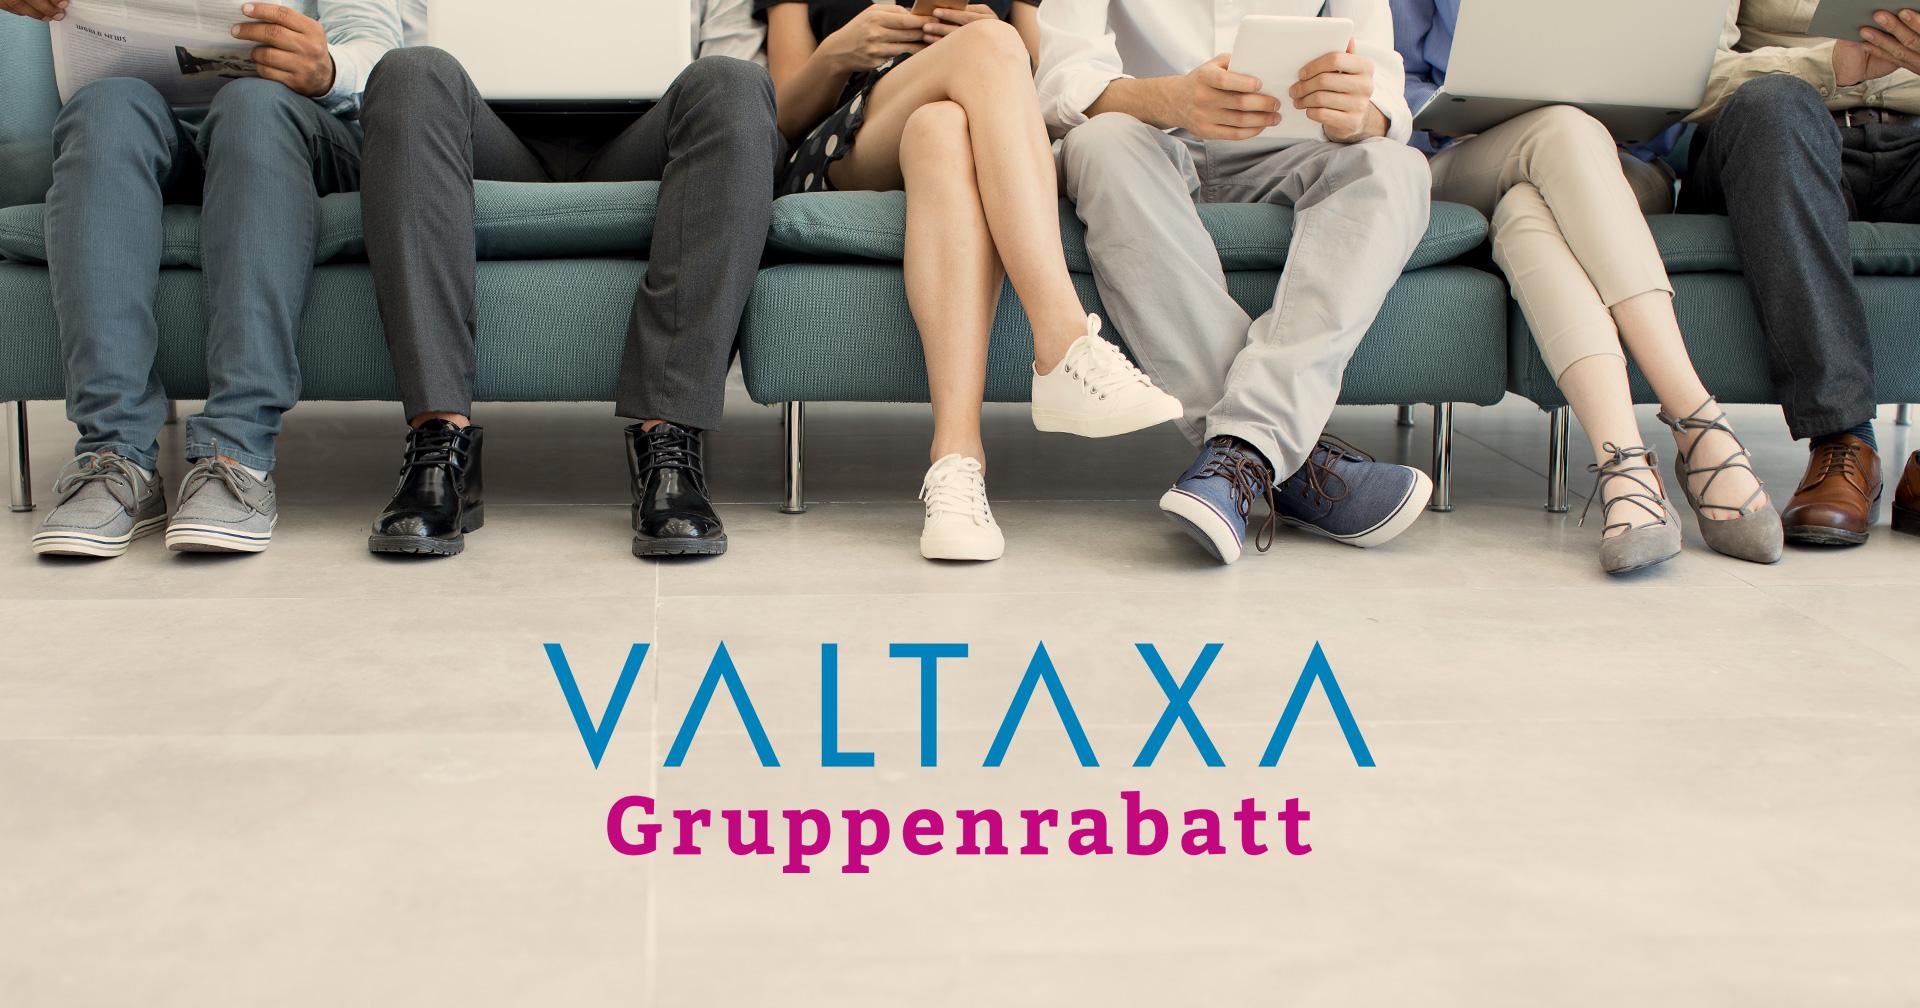 VALTAXA-Gruppenrabatt